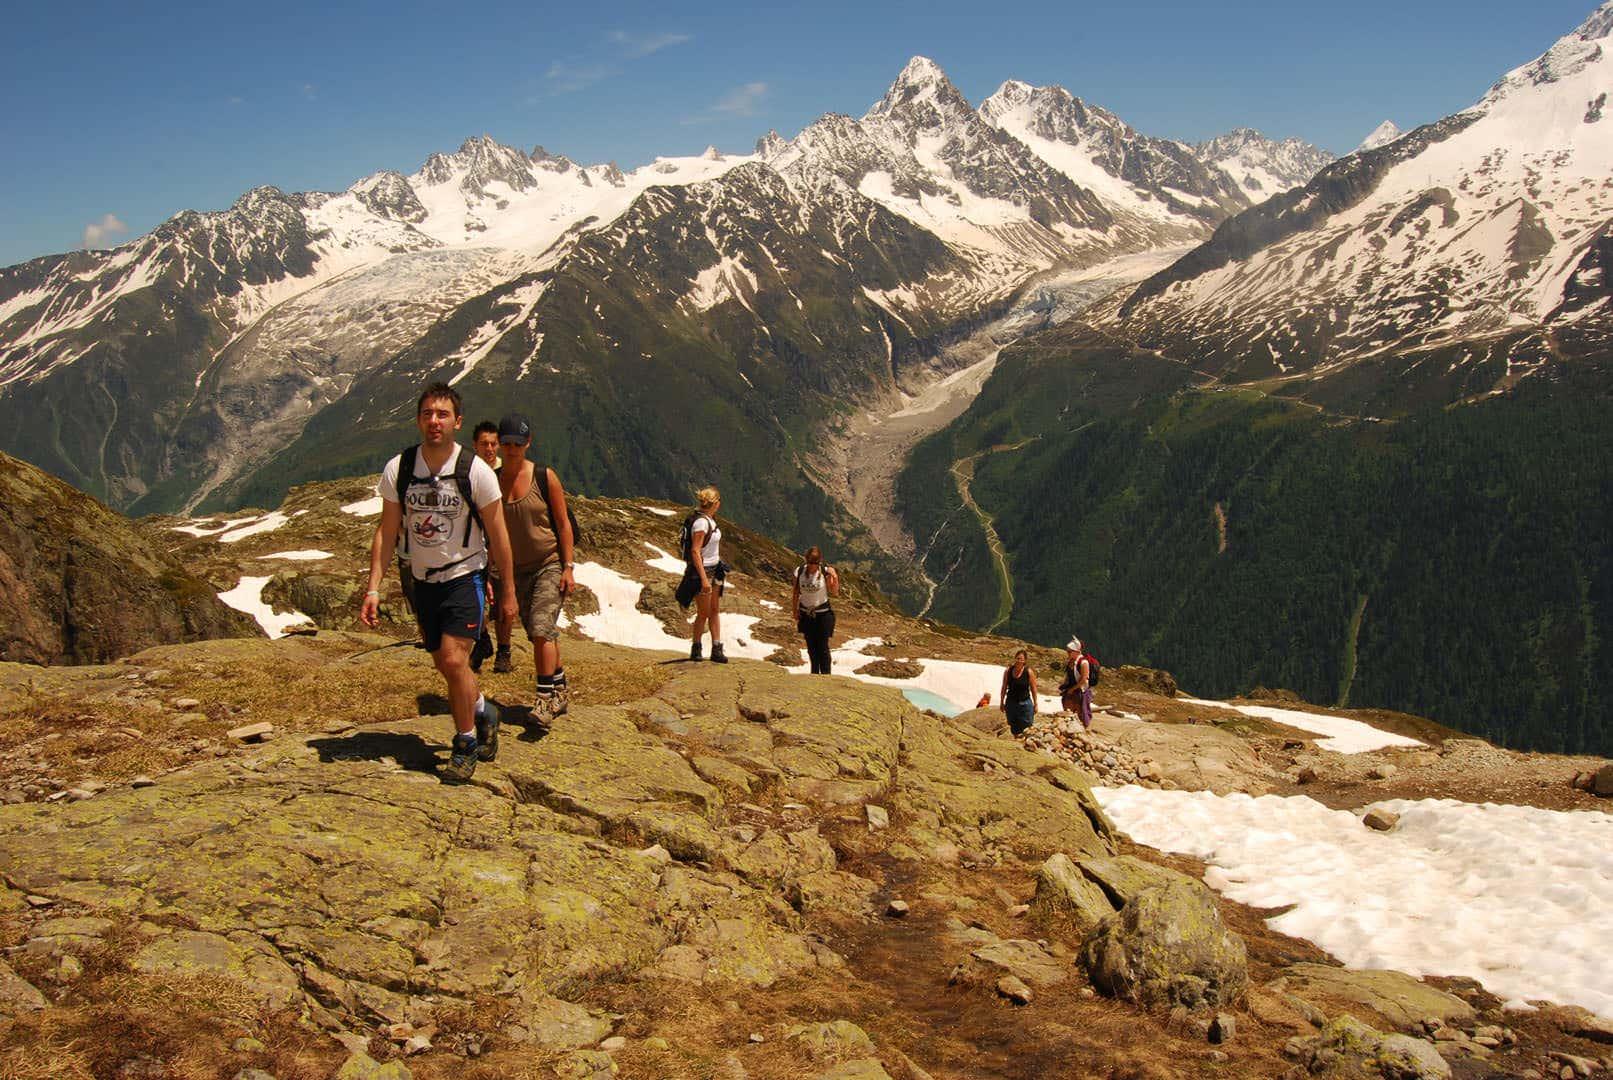 DSC 0493 - Tour du Mont Blanc Gallery